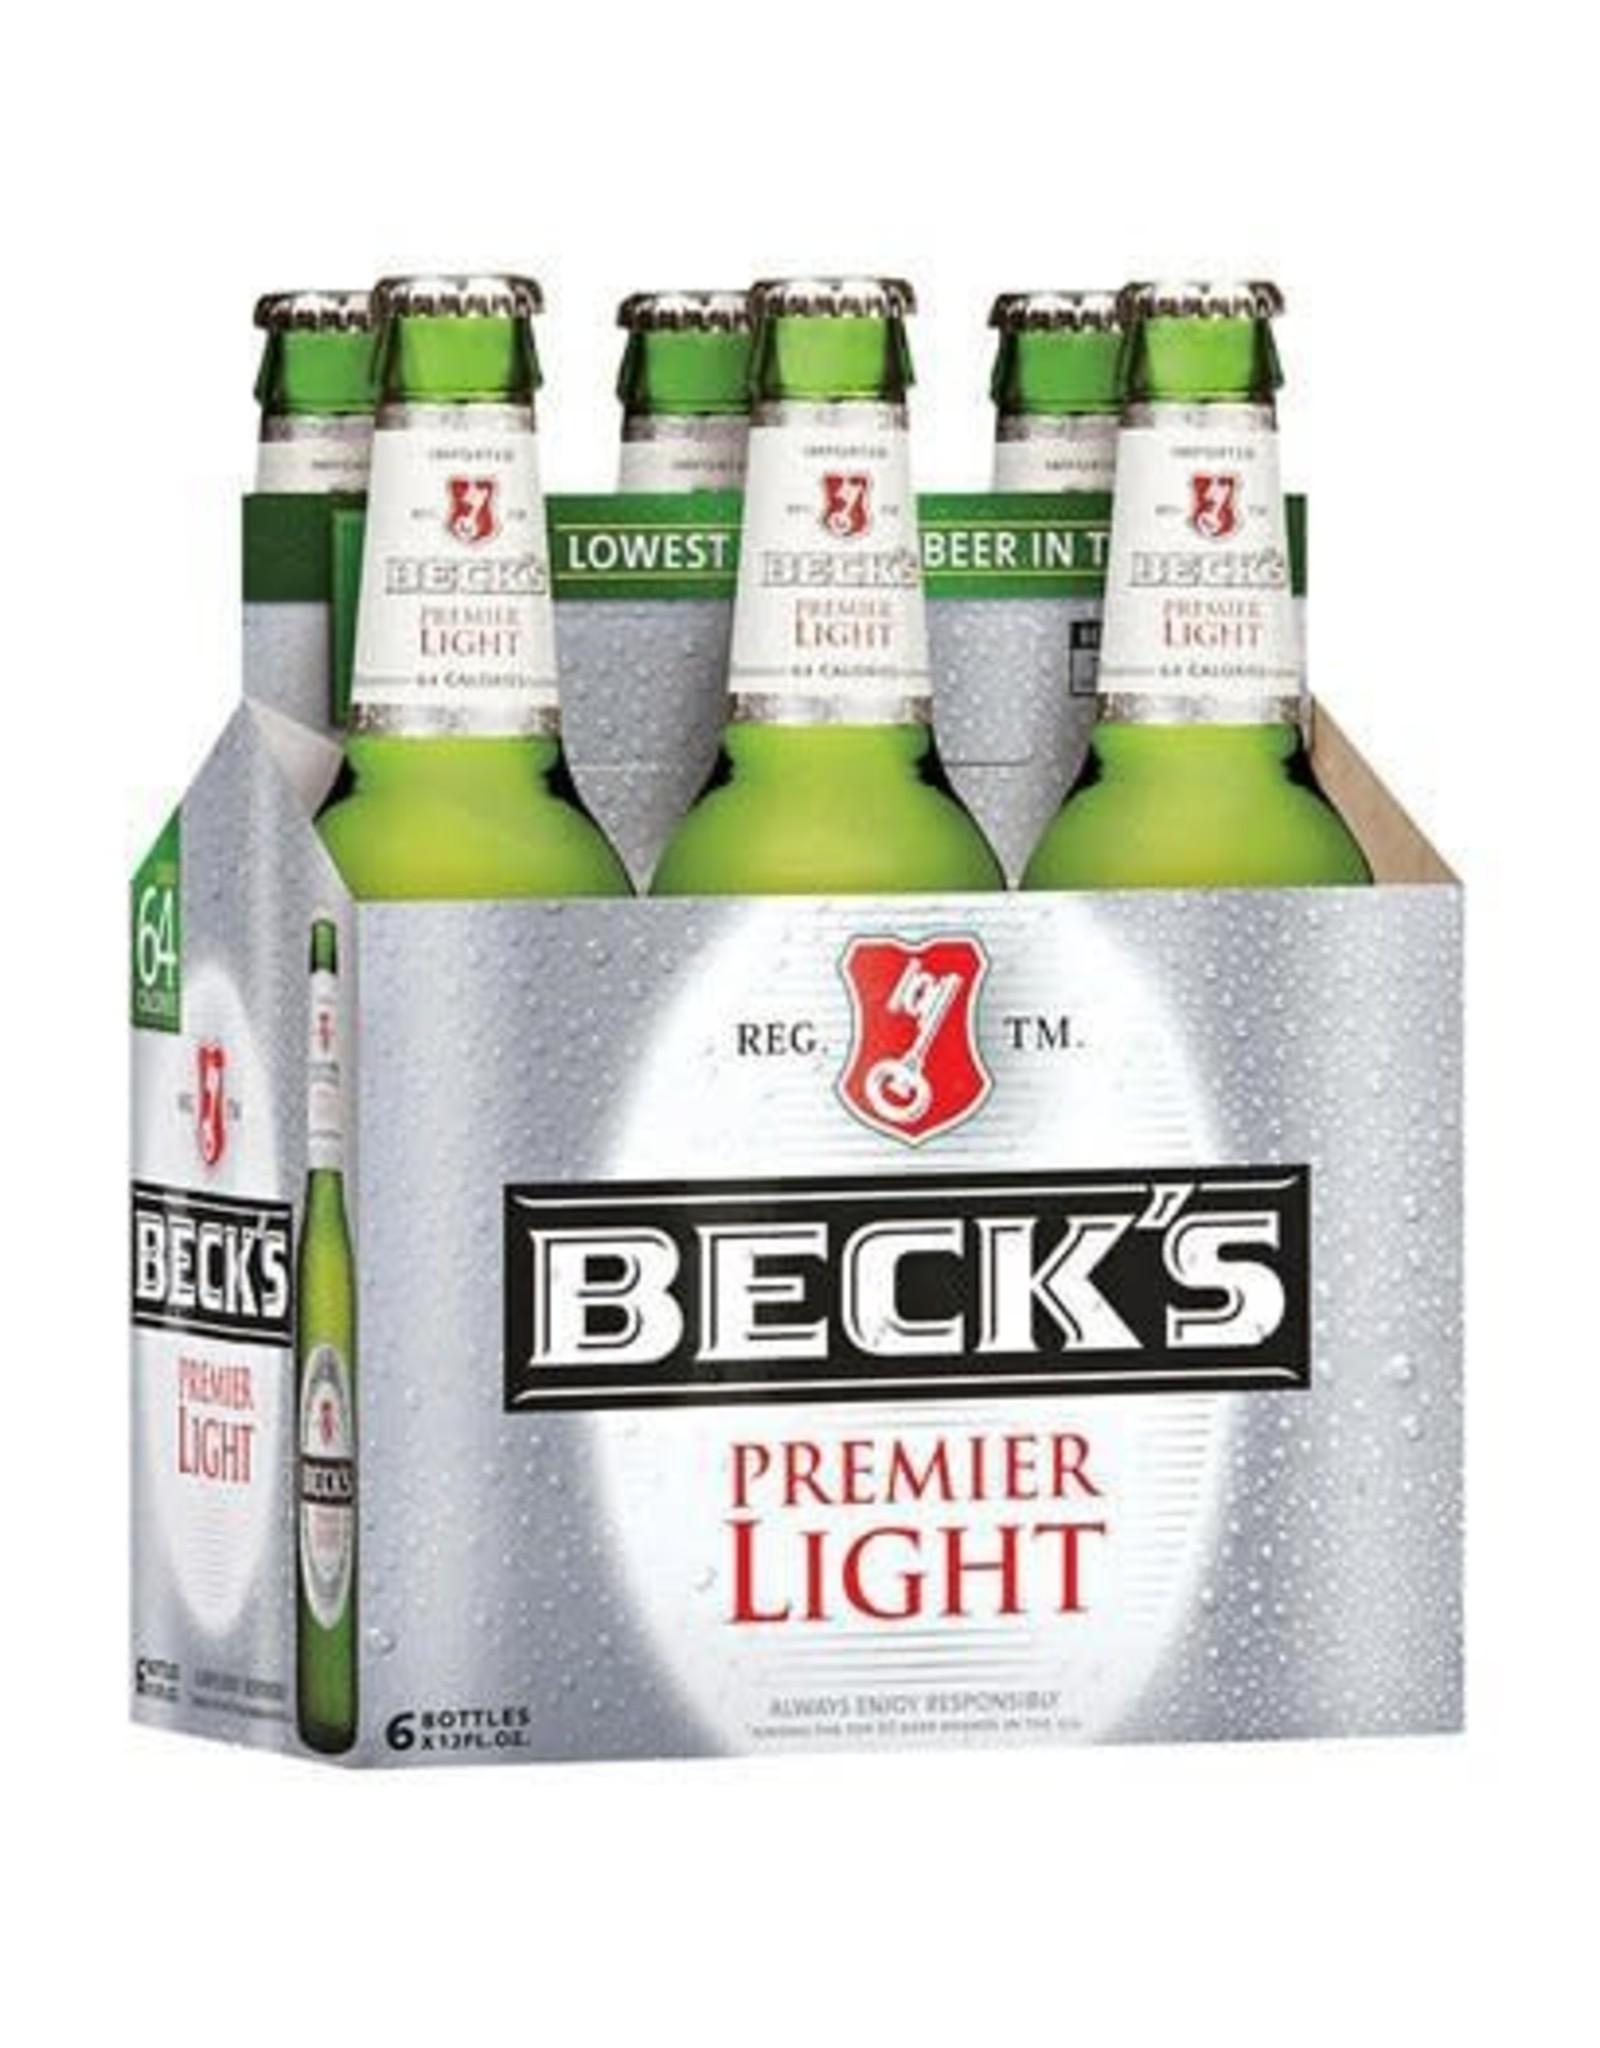 BECKS PREMIER LIGHT 4-6-12oz NR